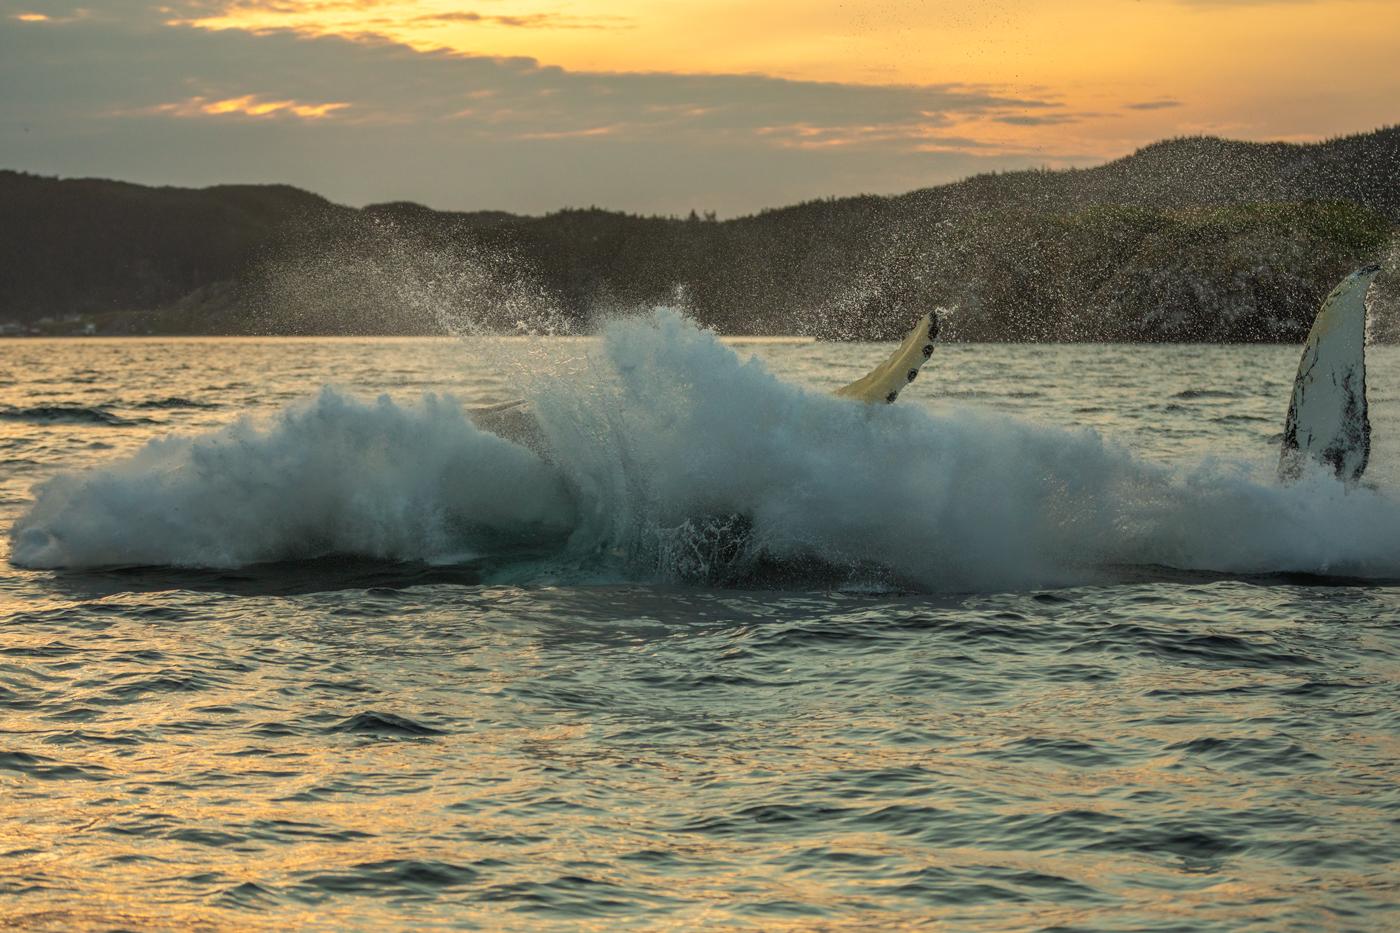 Humpback-Whale-Breach-Four.jpg